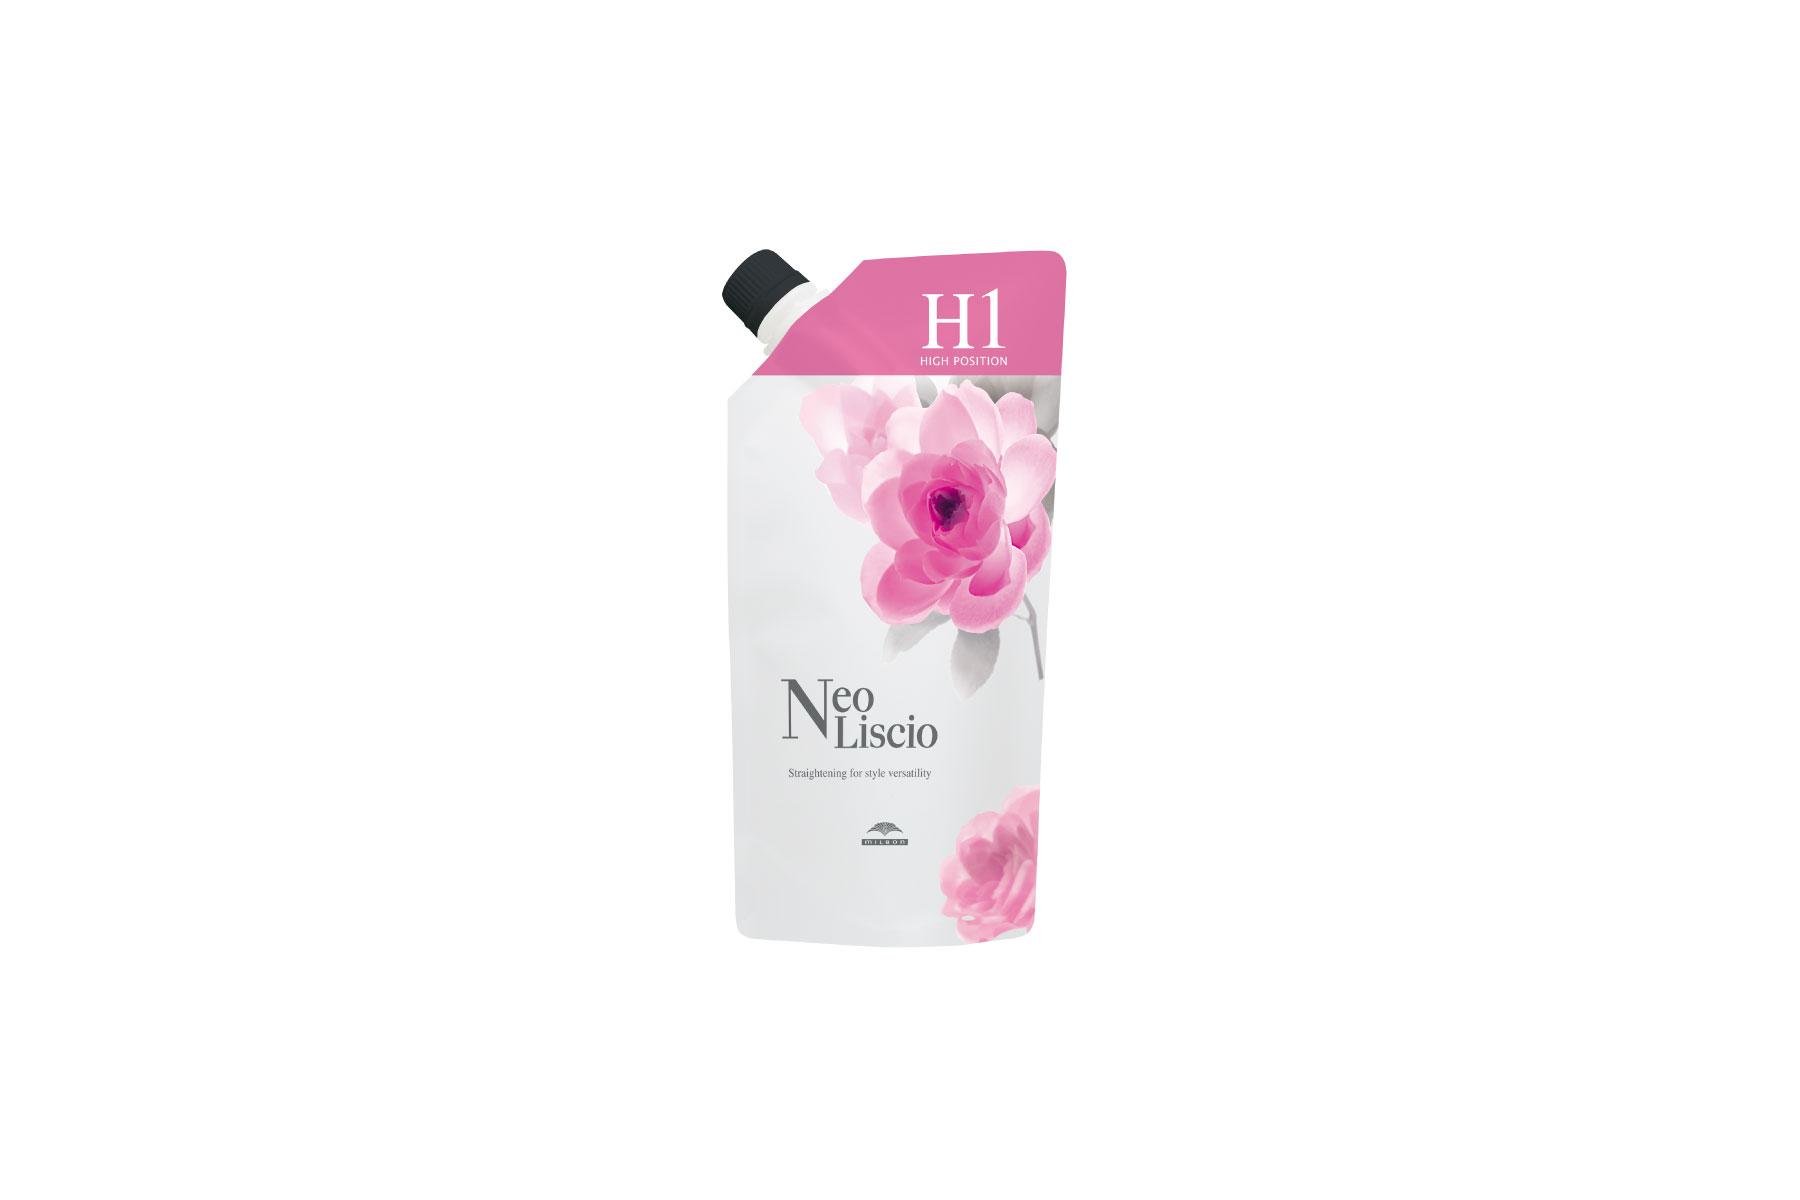 ミルボン ネオリシオ H (milbon neoliscio) image